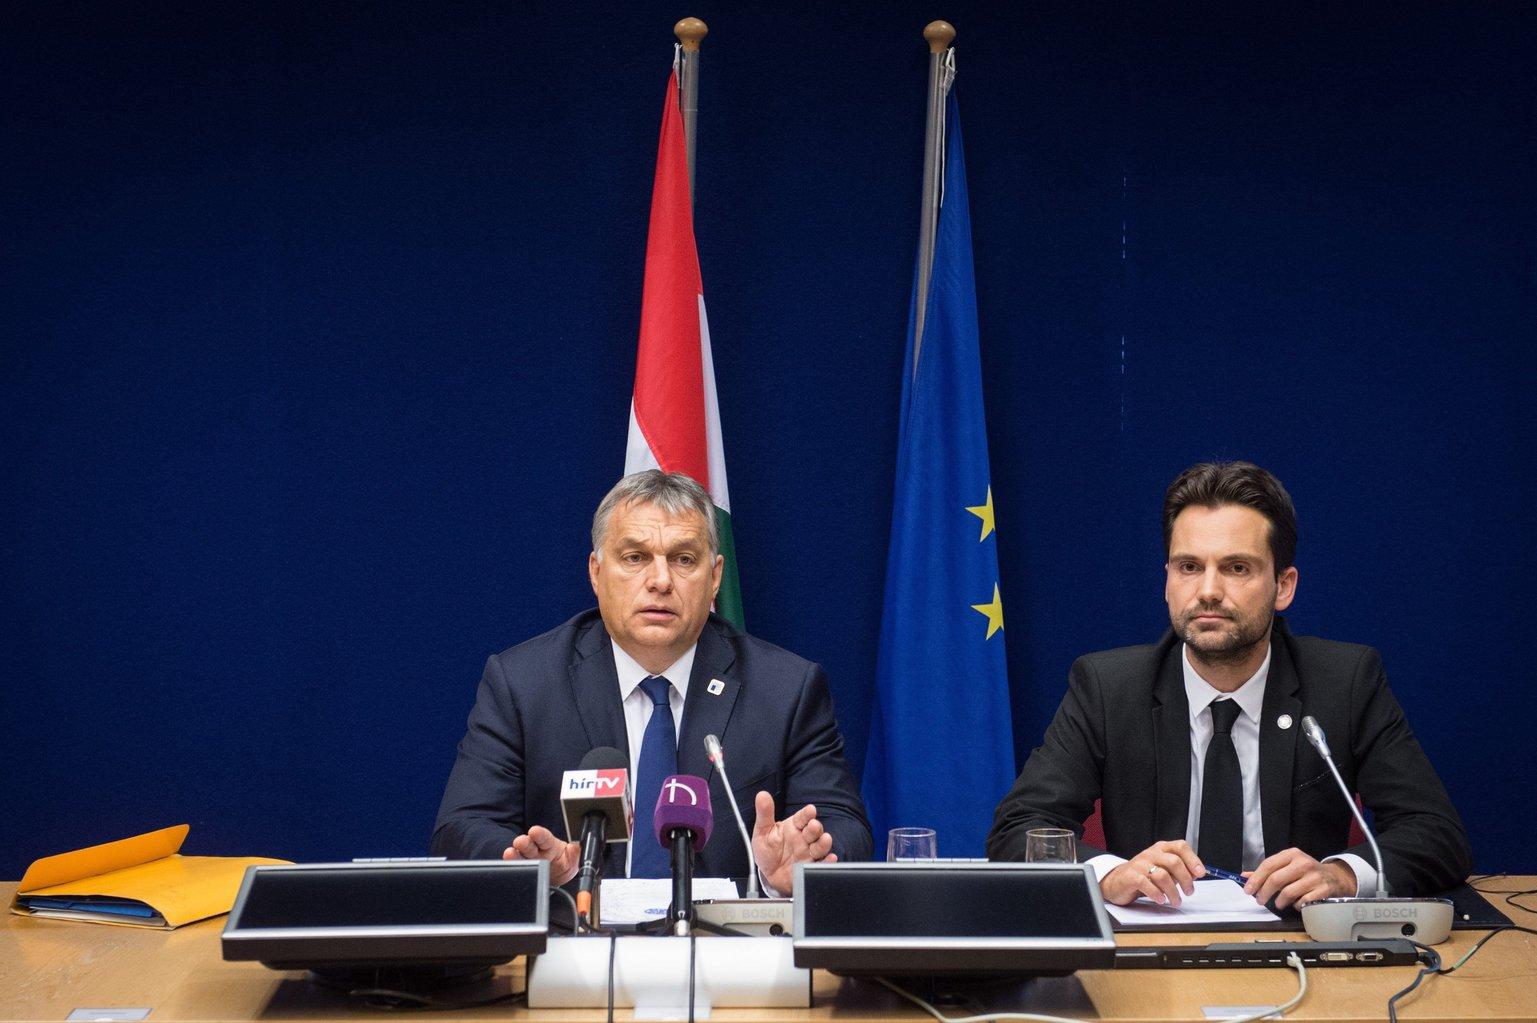 A Miniszterelnöki Sajtóiroda által közreadott képen Orbán Viktor miniszterelnök (b) sajtótájékoztatót tart az Európai Tanács kétnapos csúcstalálkozója után Brüsszelben 2016. október 21-én. Mellette Havasi Bertalan, a Miniszterelnöki Sajtóiroda vezetője. MTI Fotó: Miniszterelnöki Sajtóiroda/botár Gergely